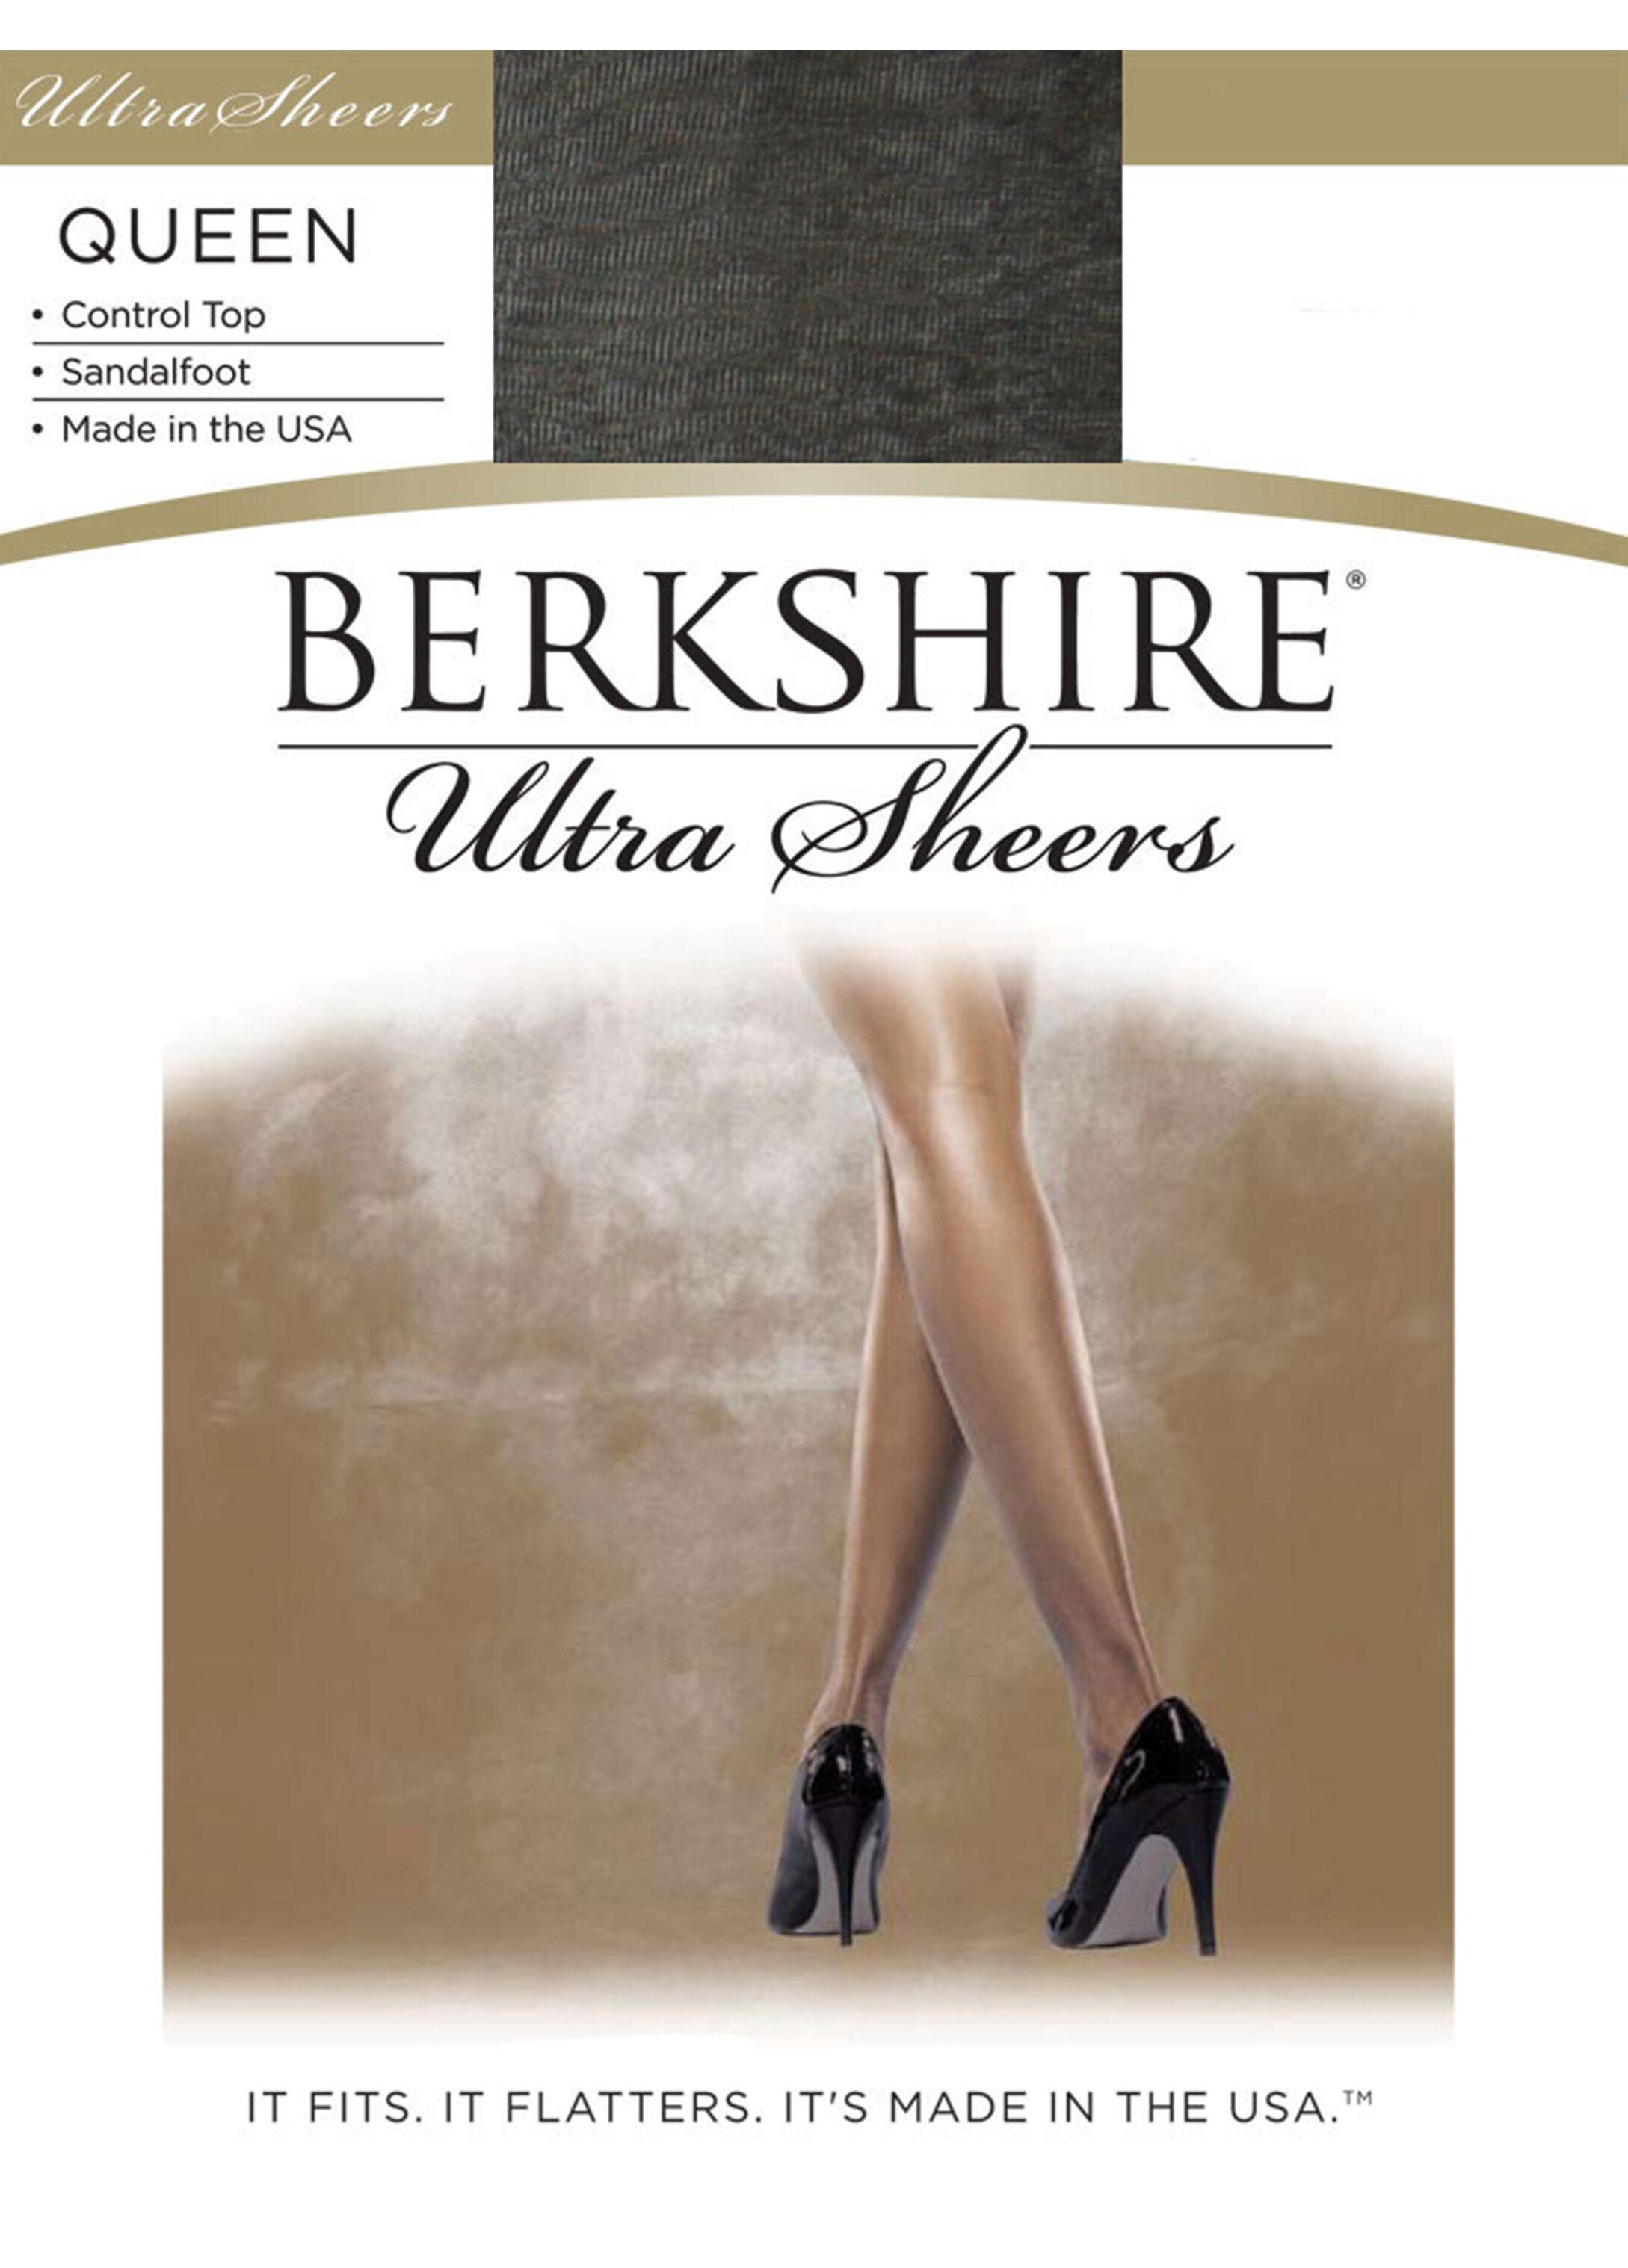 Berkshire Control Top Pantyhose